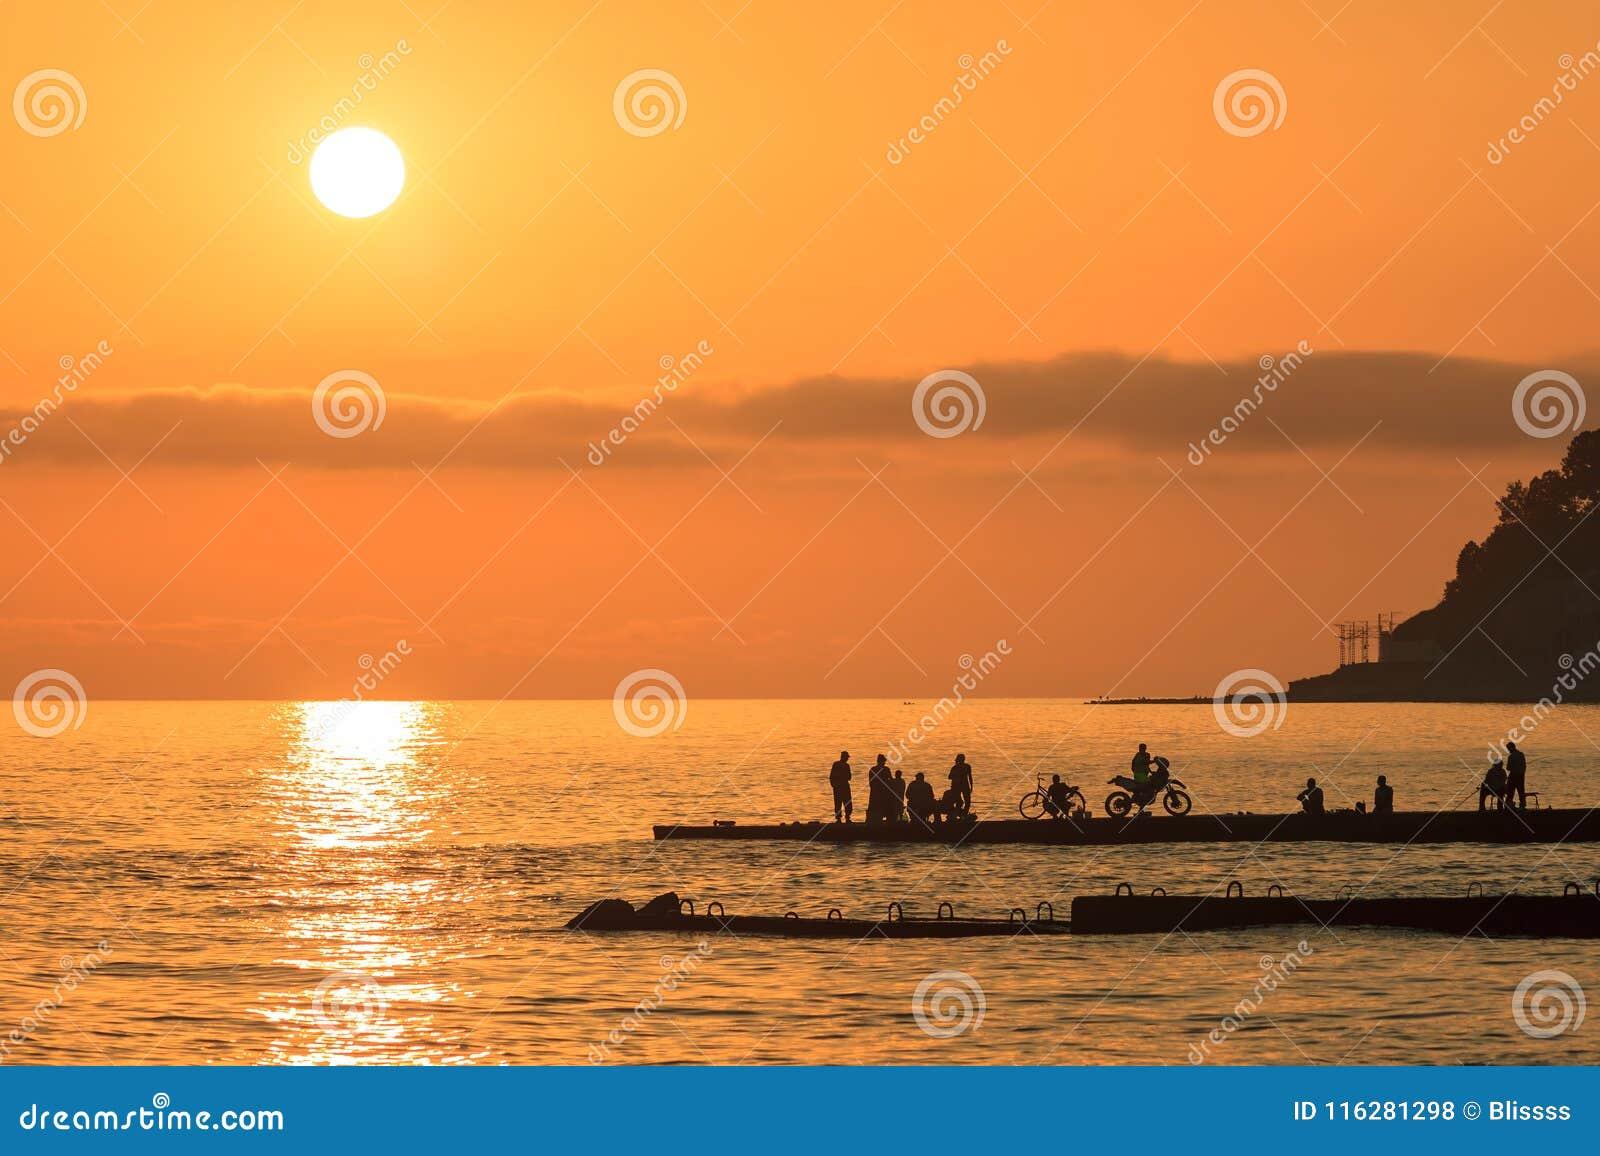 Overzees zonsondergang toneelzeegezicht met verre silhouetten van mensen